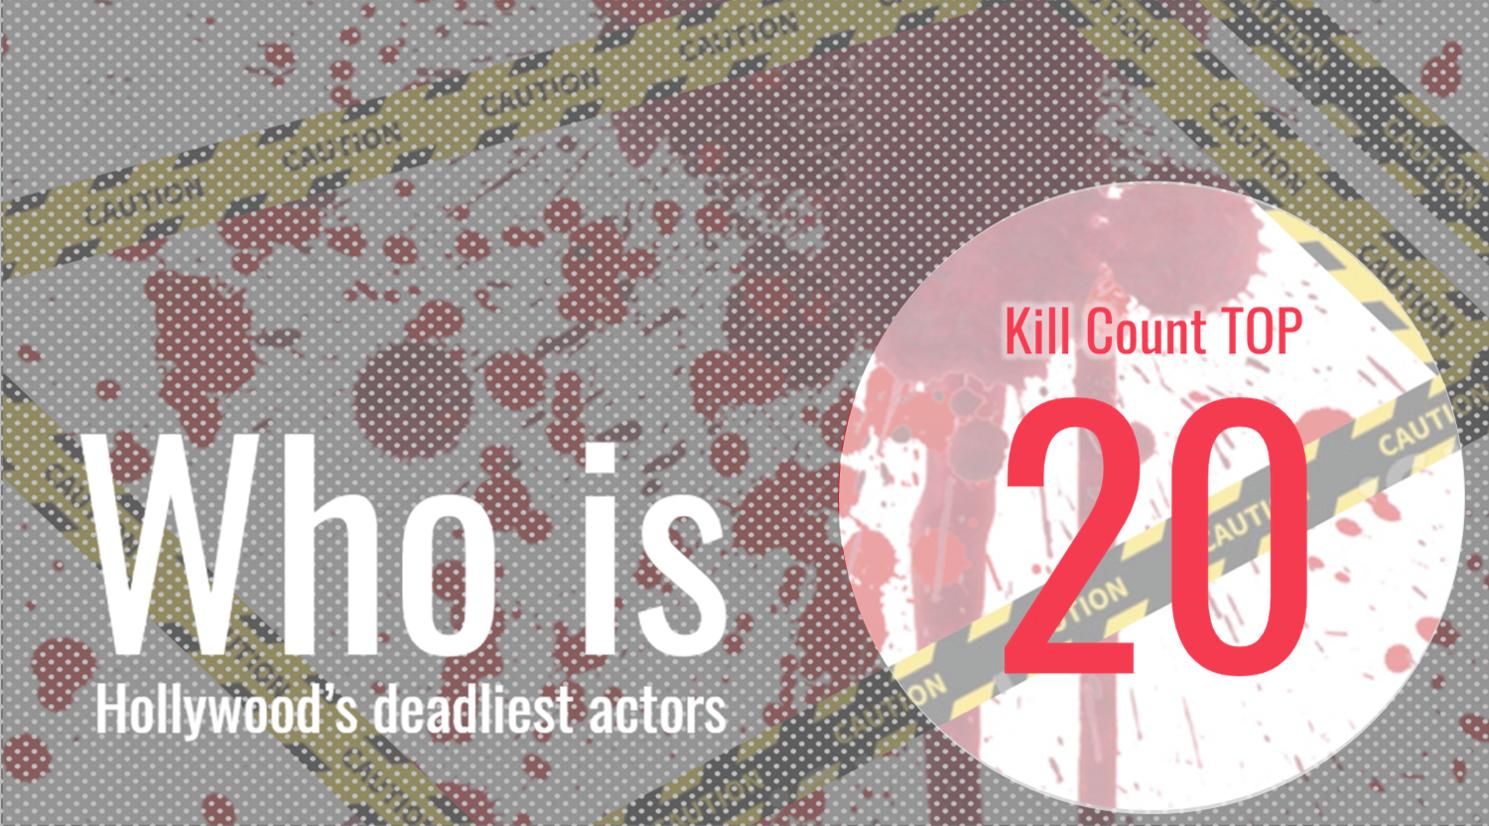 キルカウントTOP20‗ハリウッド俳優